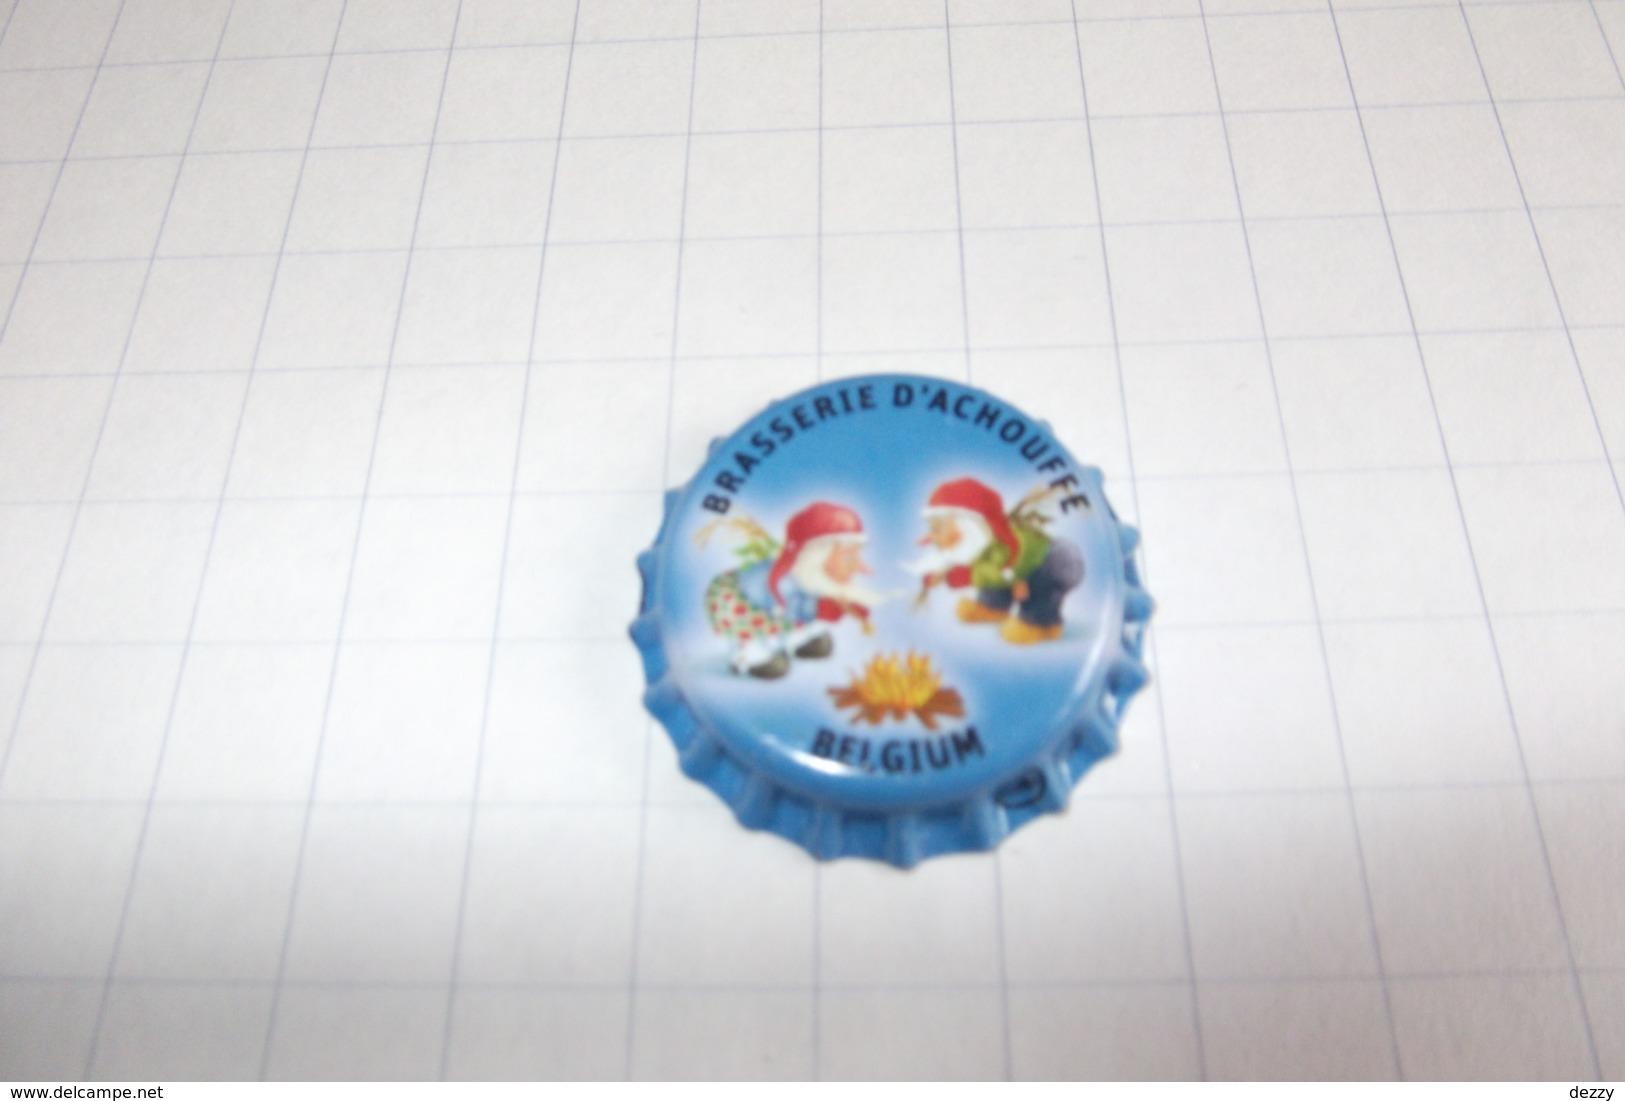 BEERCAPS BELGIUM/BIERDOPPEN BELGIË : D'ACHOUFFE N'ICE CHOUFFE - Beer